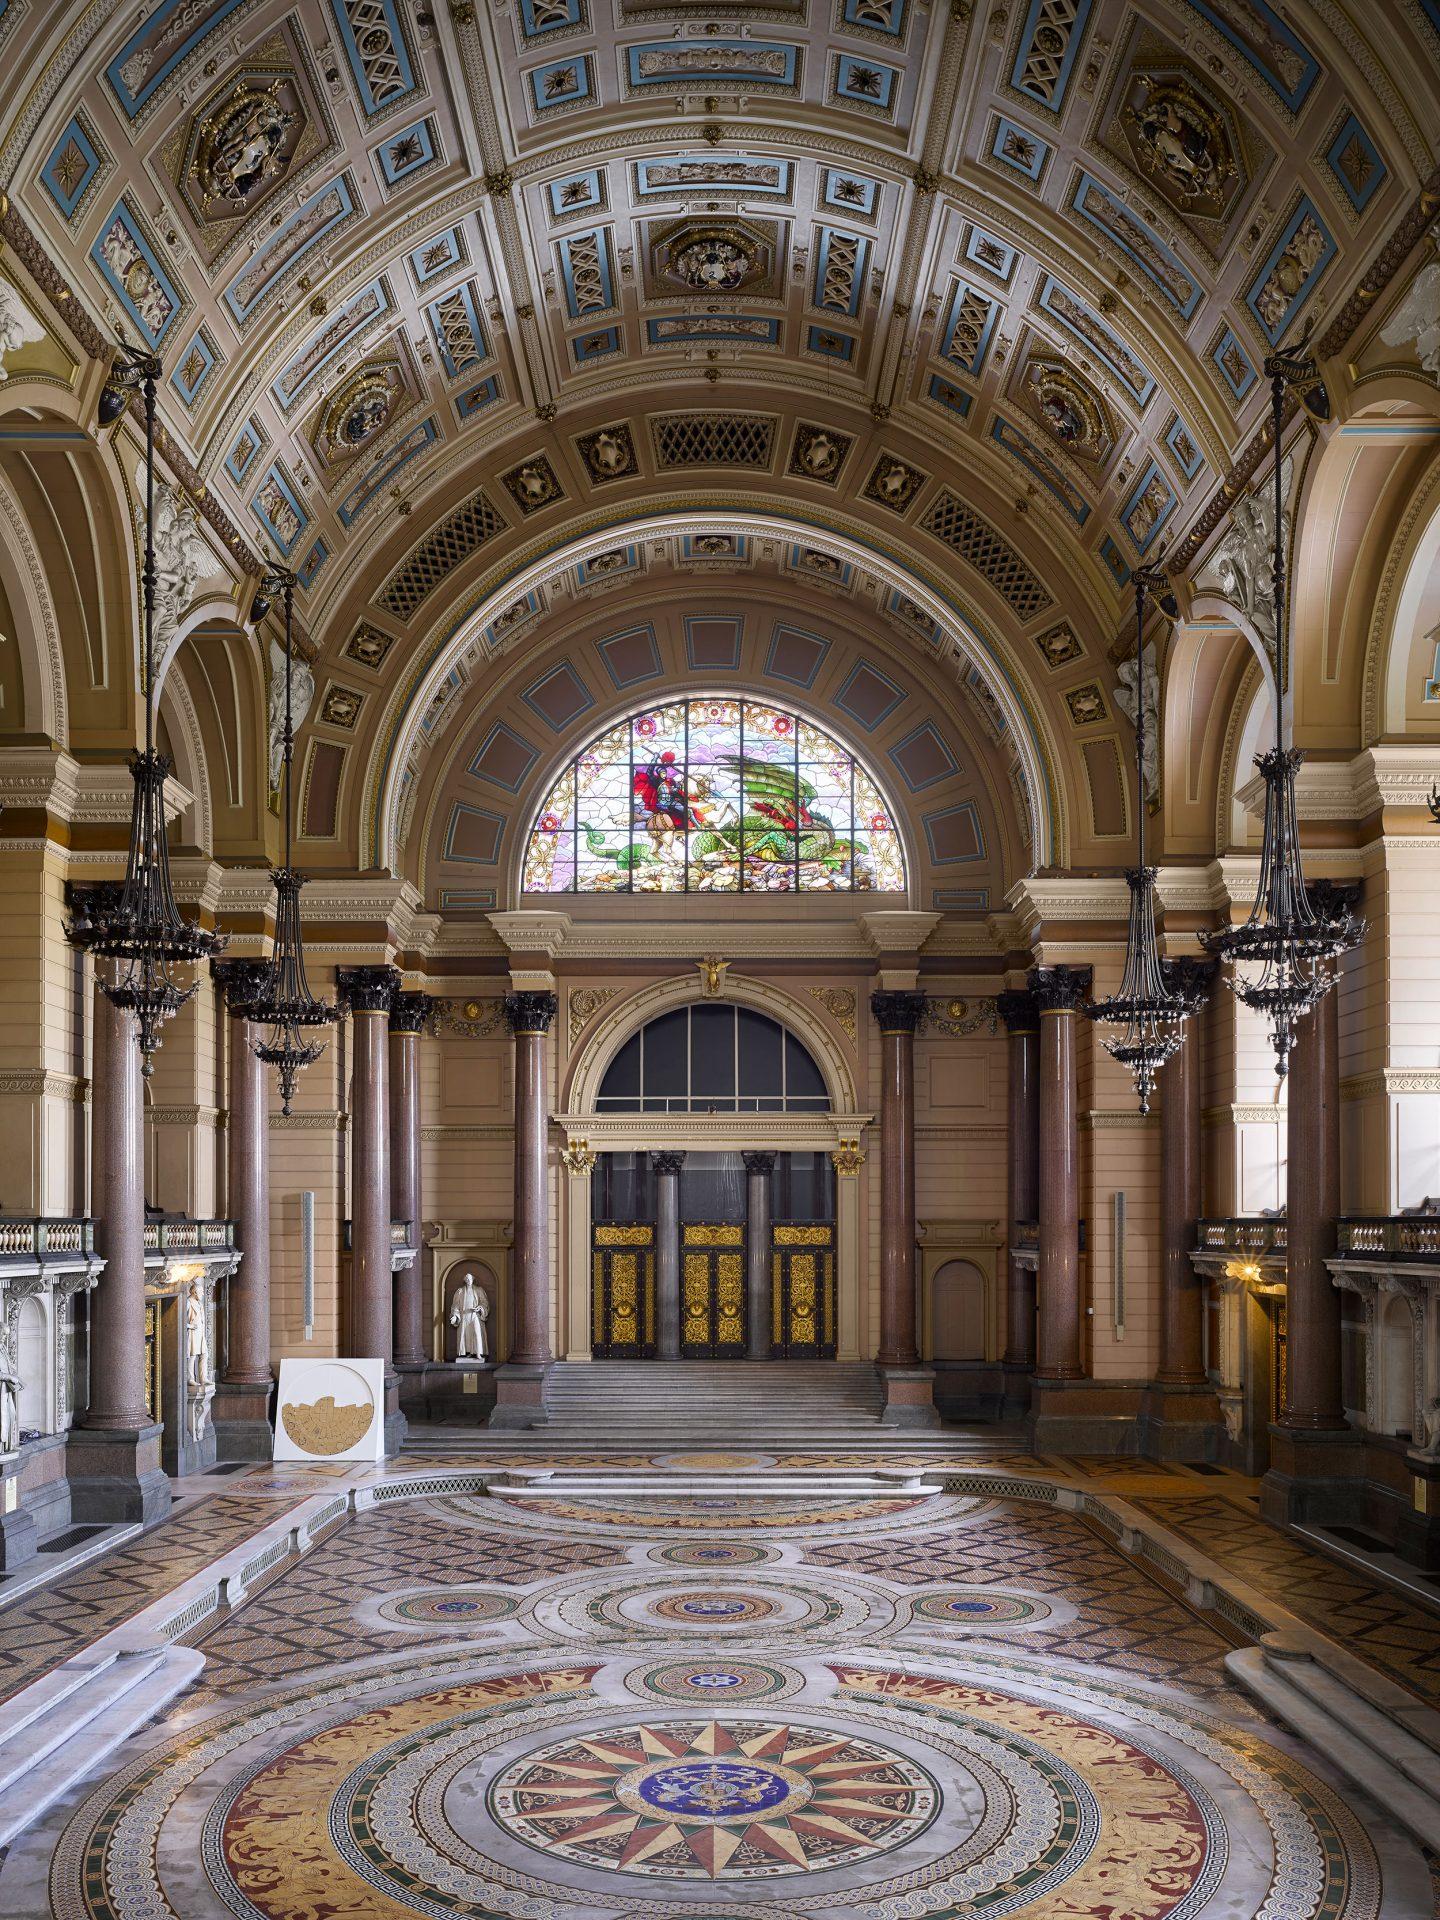 Minton Tile Floor, St Georges Hall, Liverpool